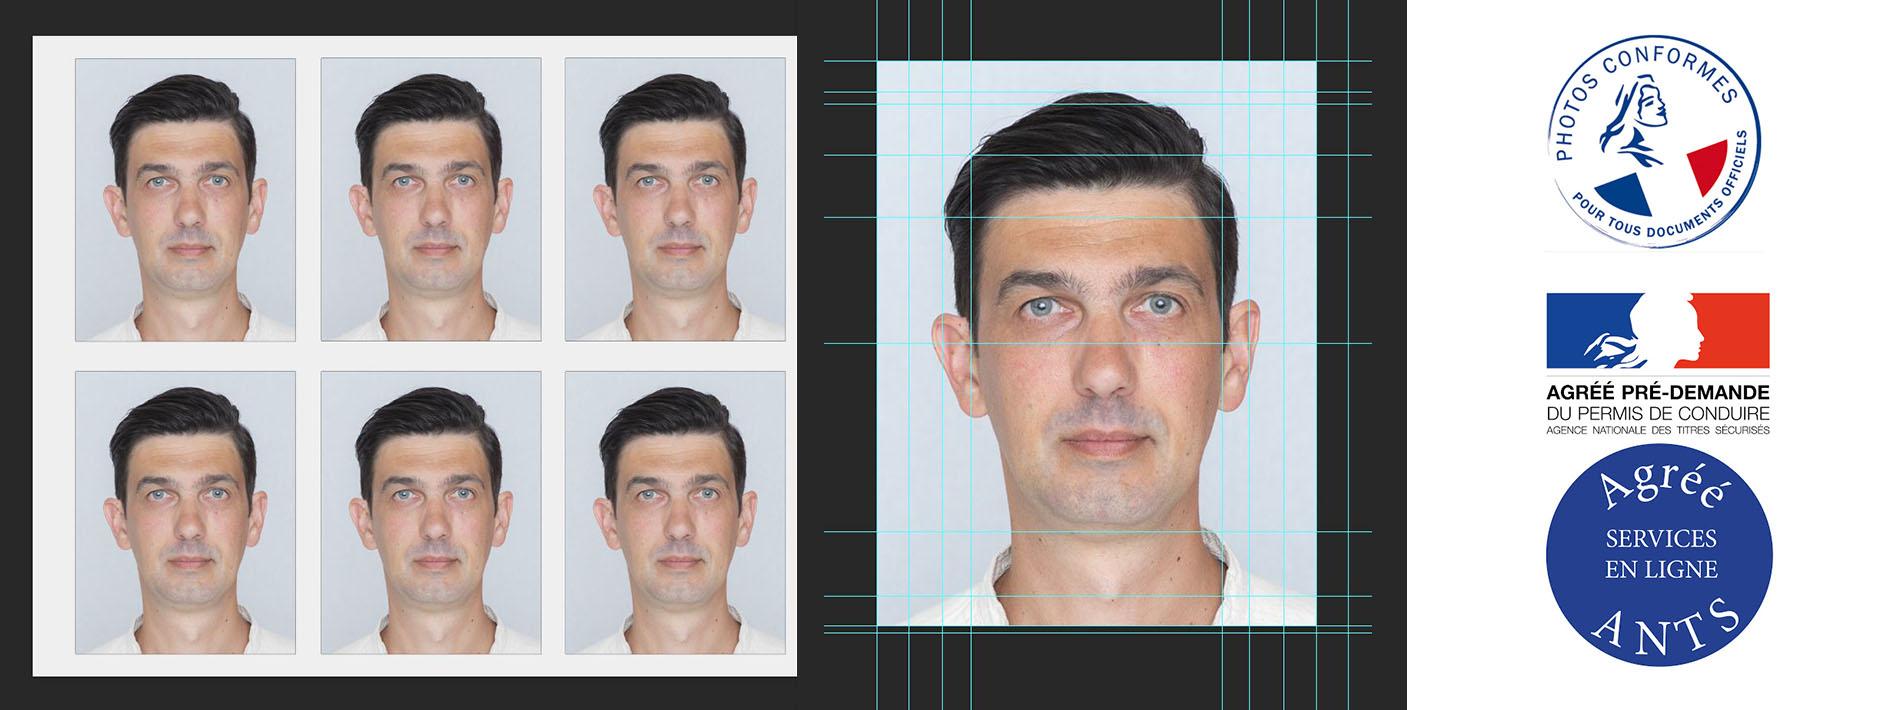 photo de catégorie Votre photo d'identité à Saint-Lô  pour passeport, carte nationale d'identité, permis de conduire et titres de séjour pour les étrangers. de Ludovic Souillat